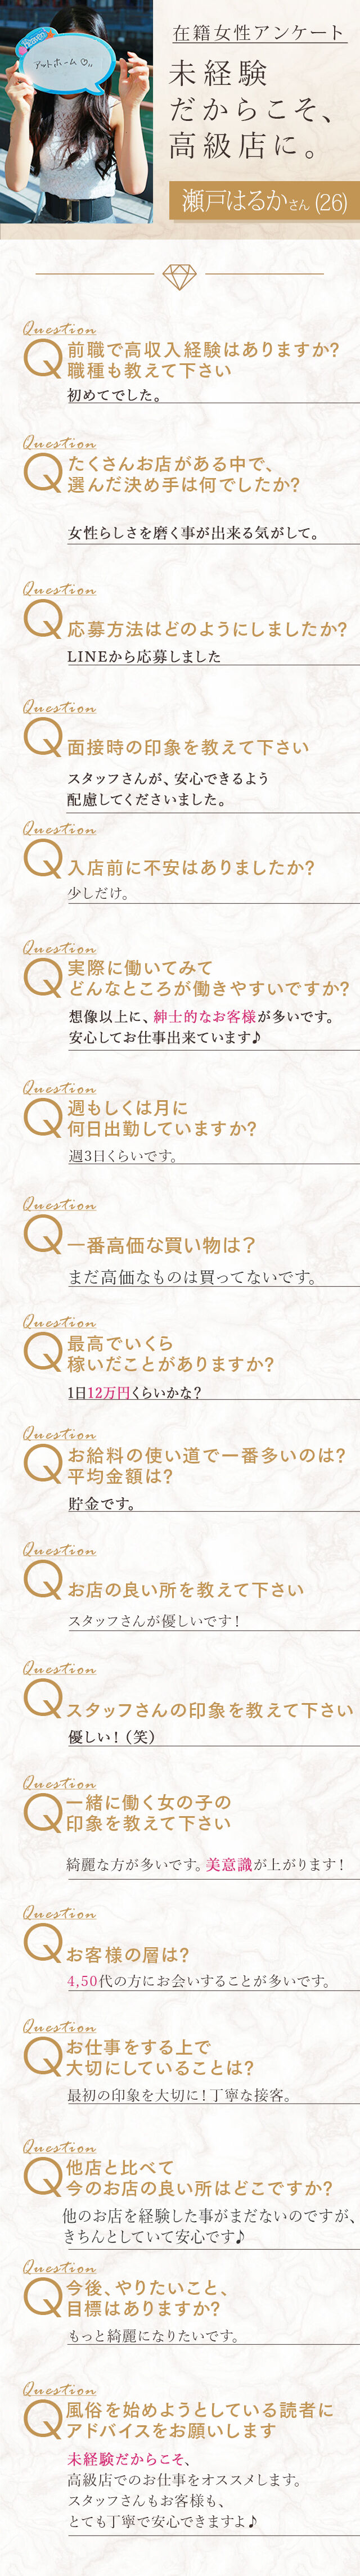 CB_瀬戸_GH